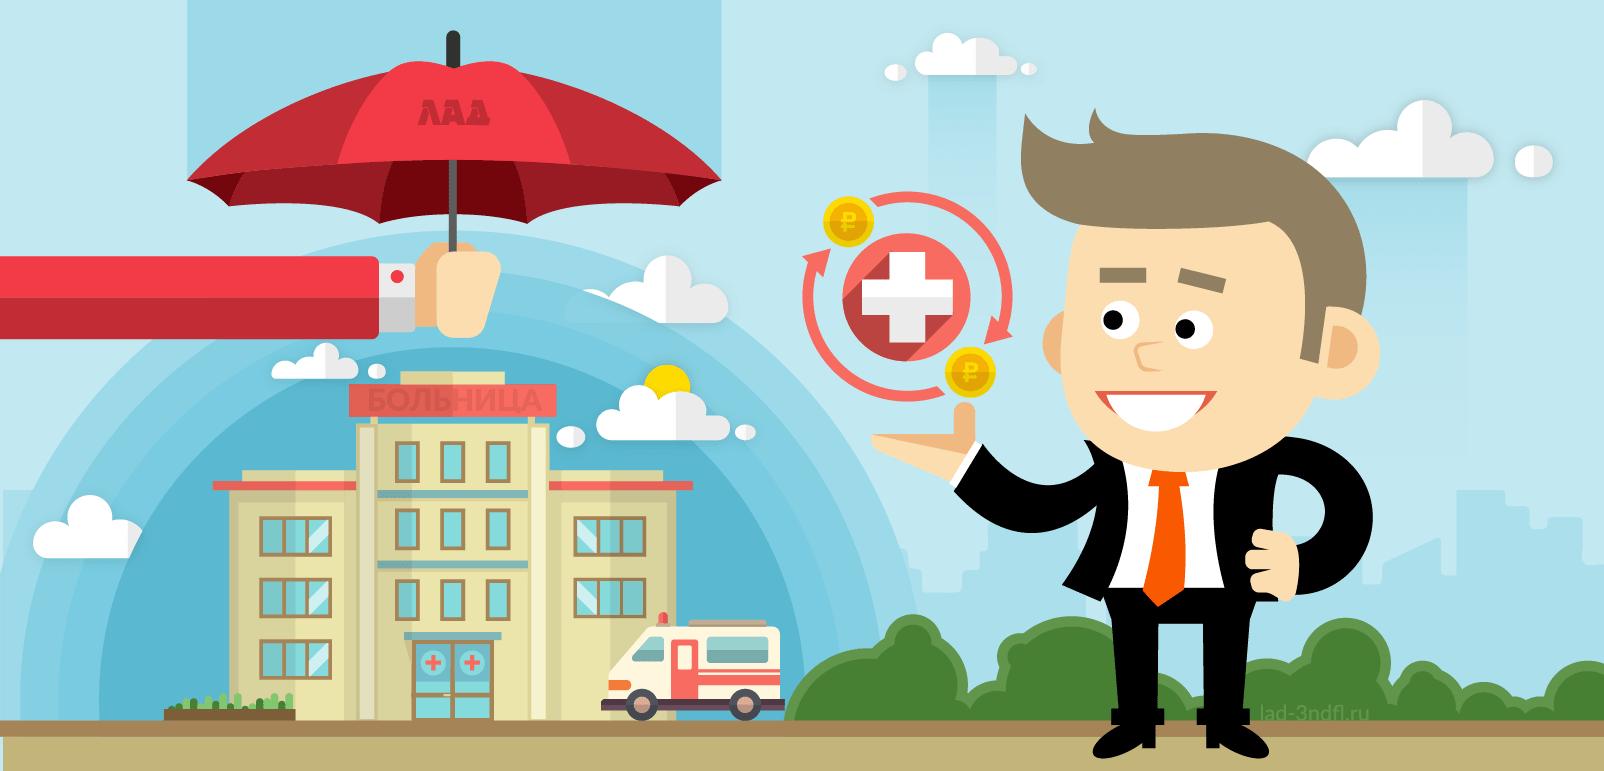 Полис дмс: как выбрать лучший и не платить лишнее